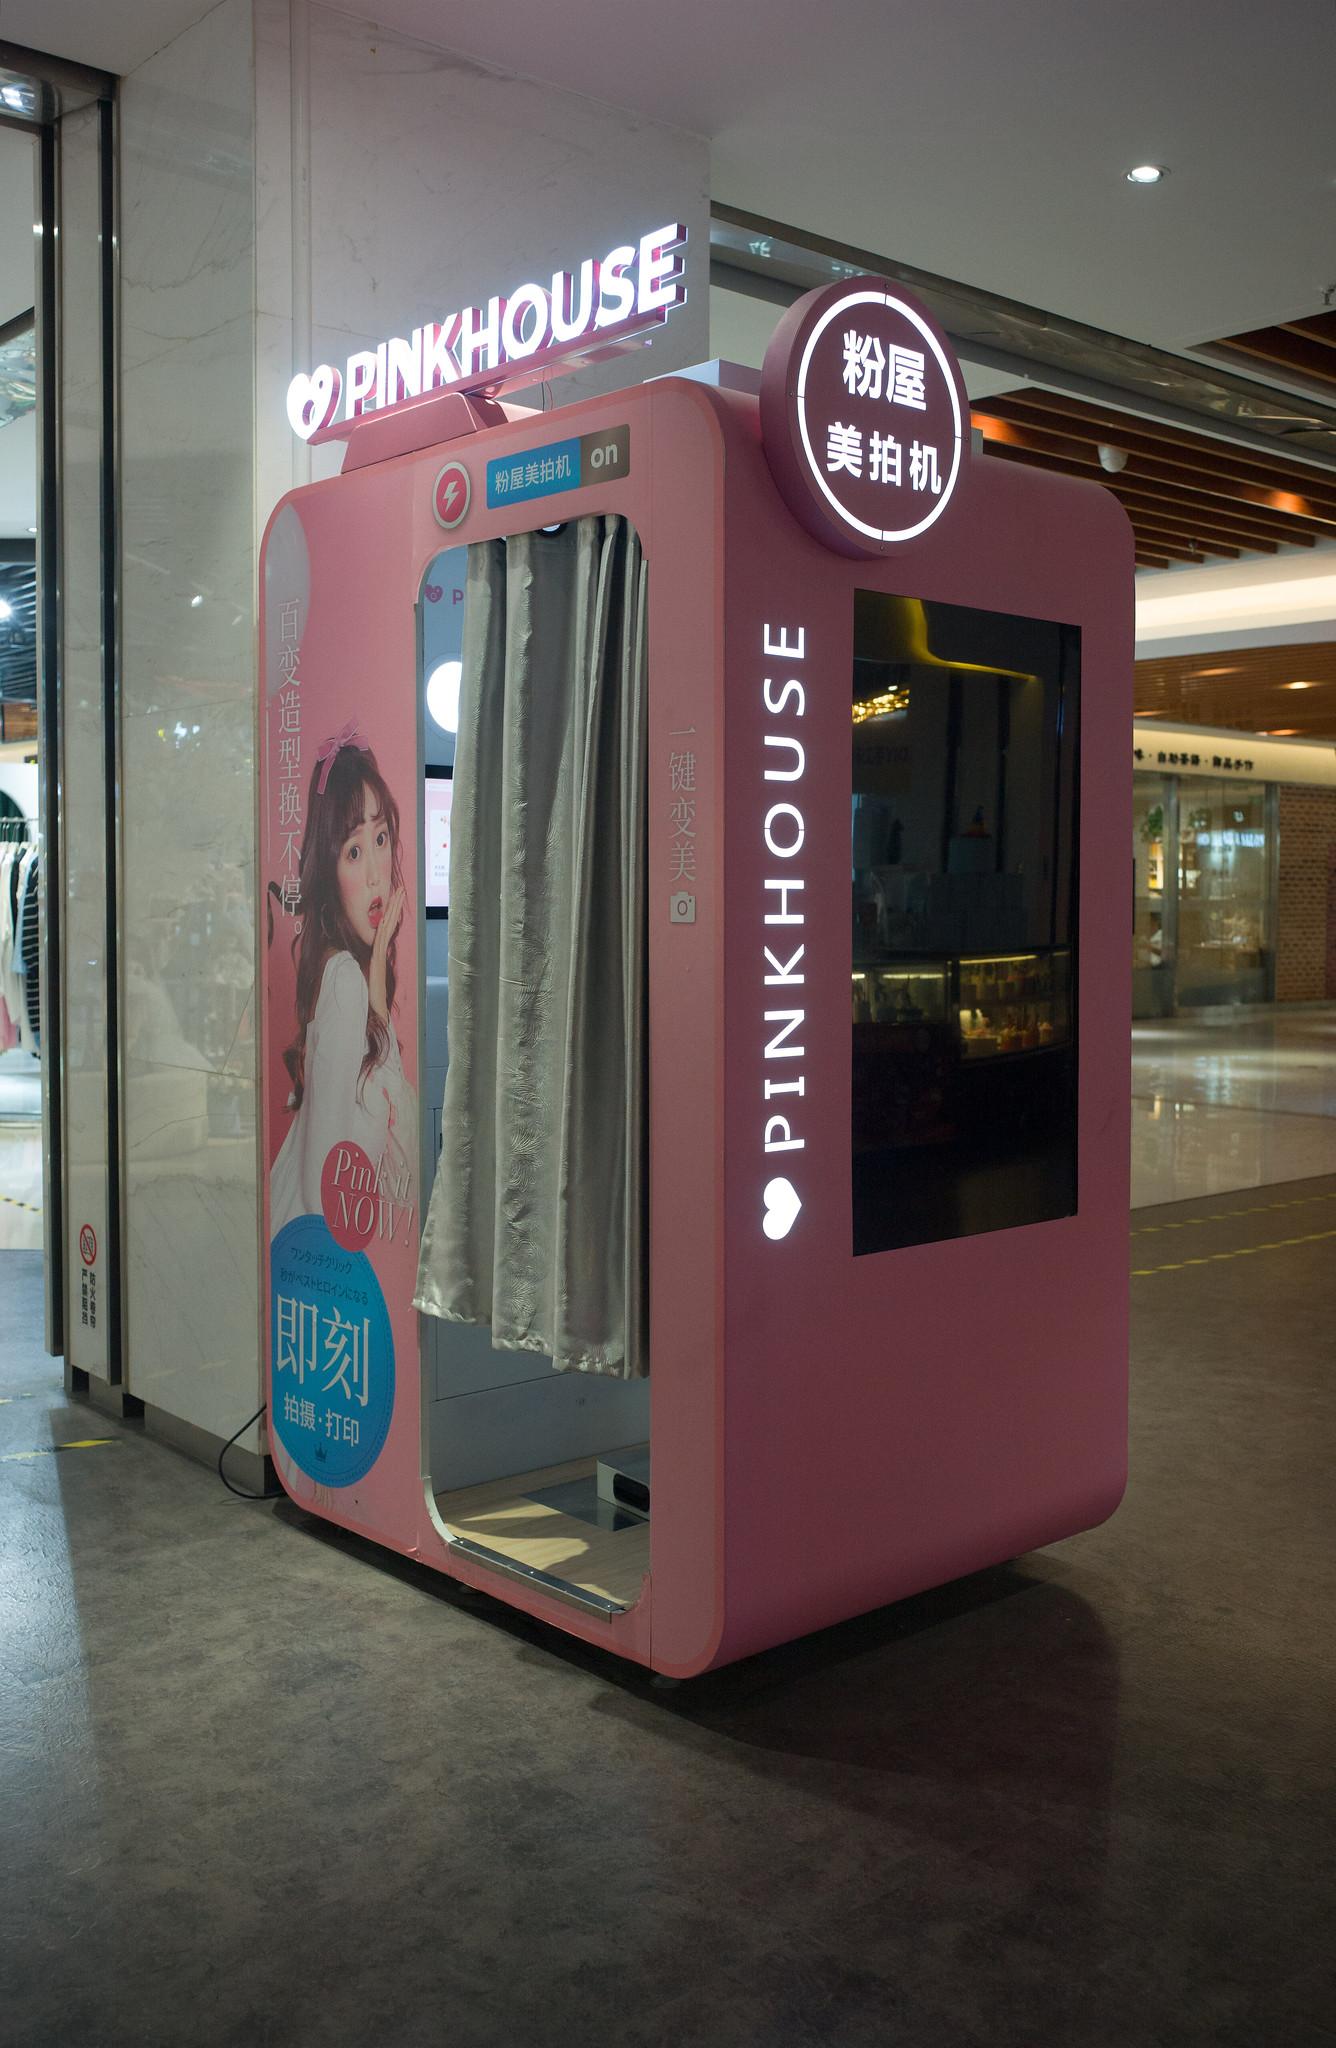 Automat pinkhouse